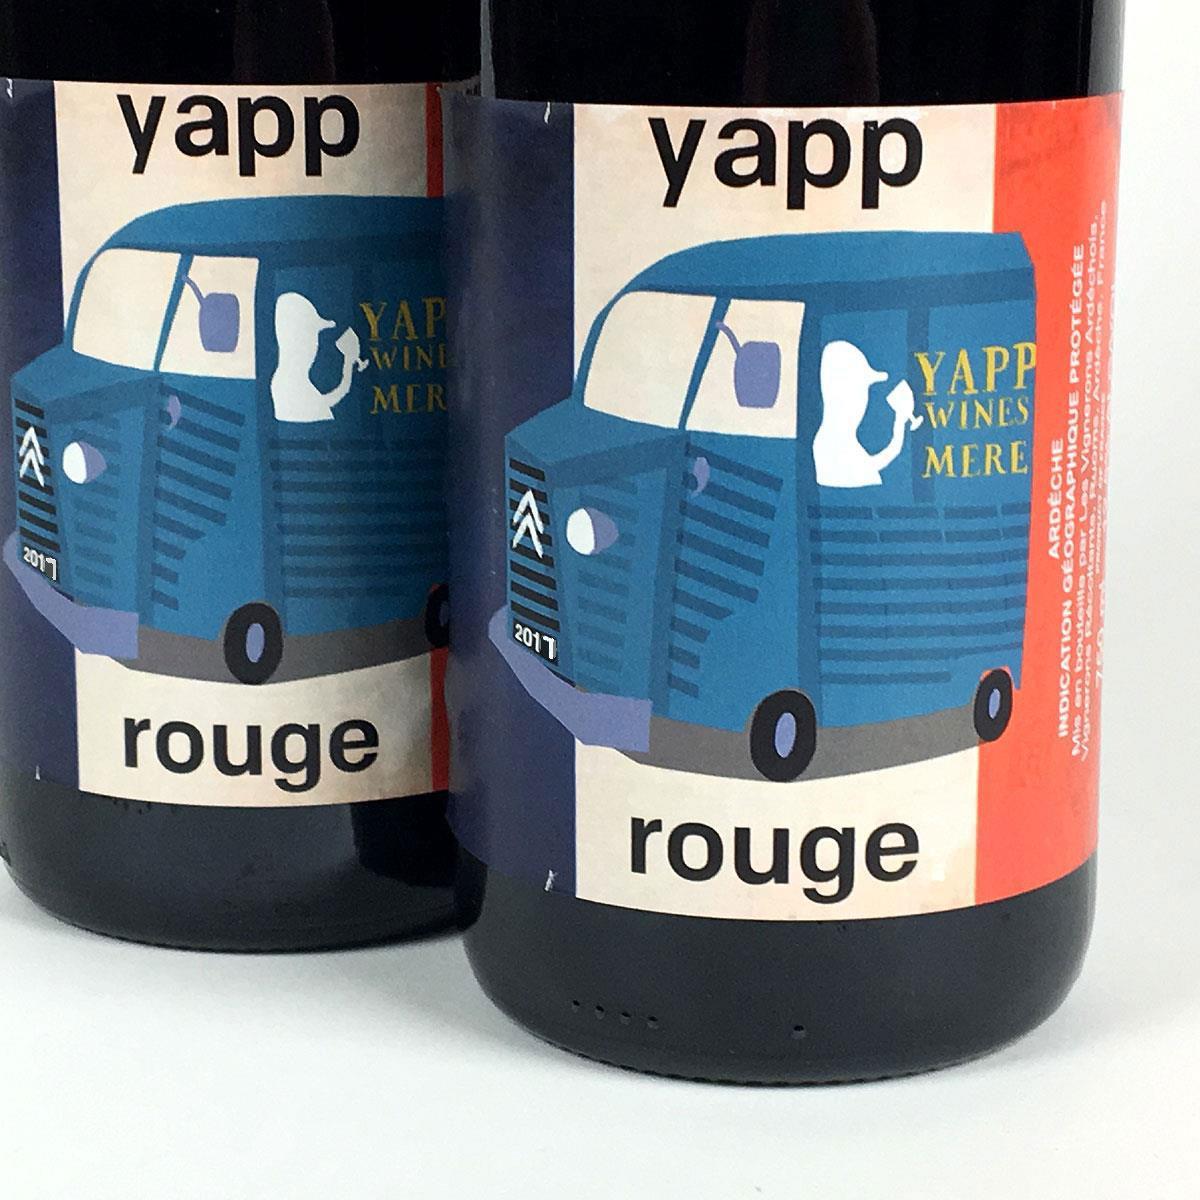 Yapp Rouge 2017